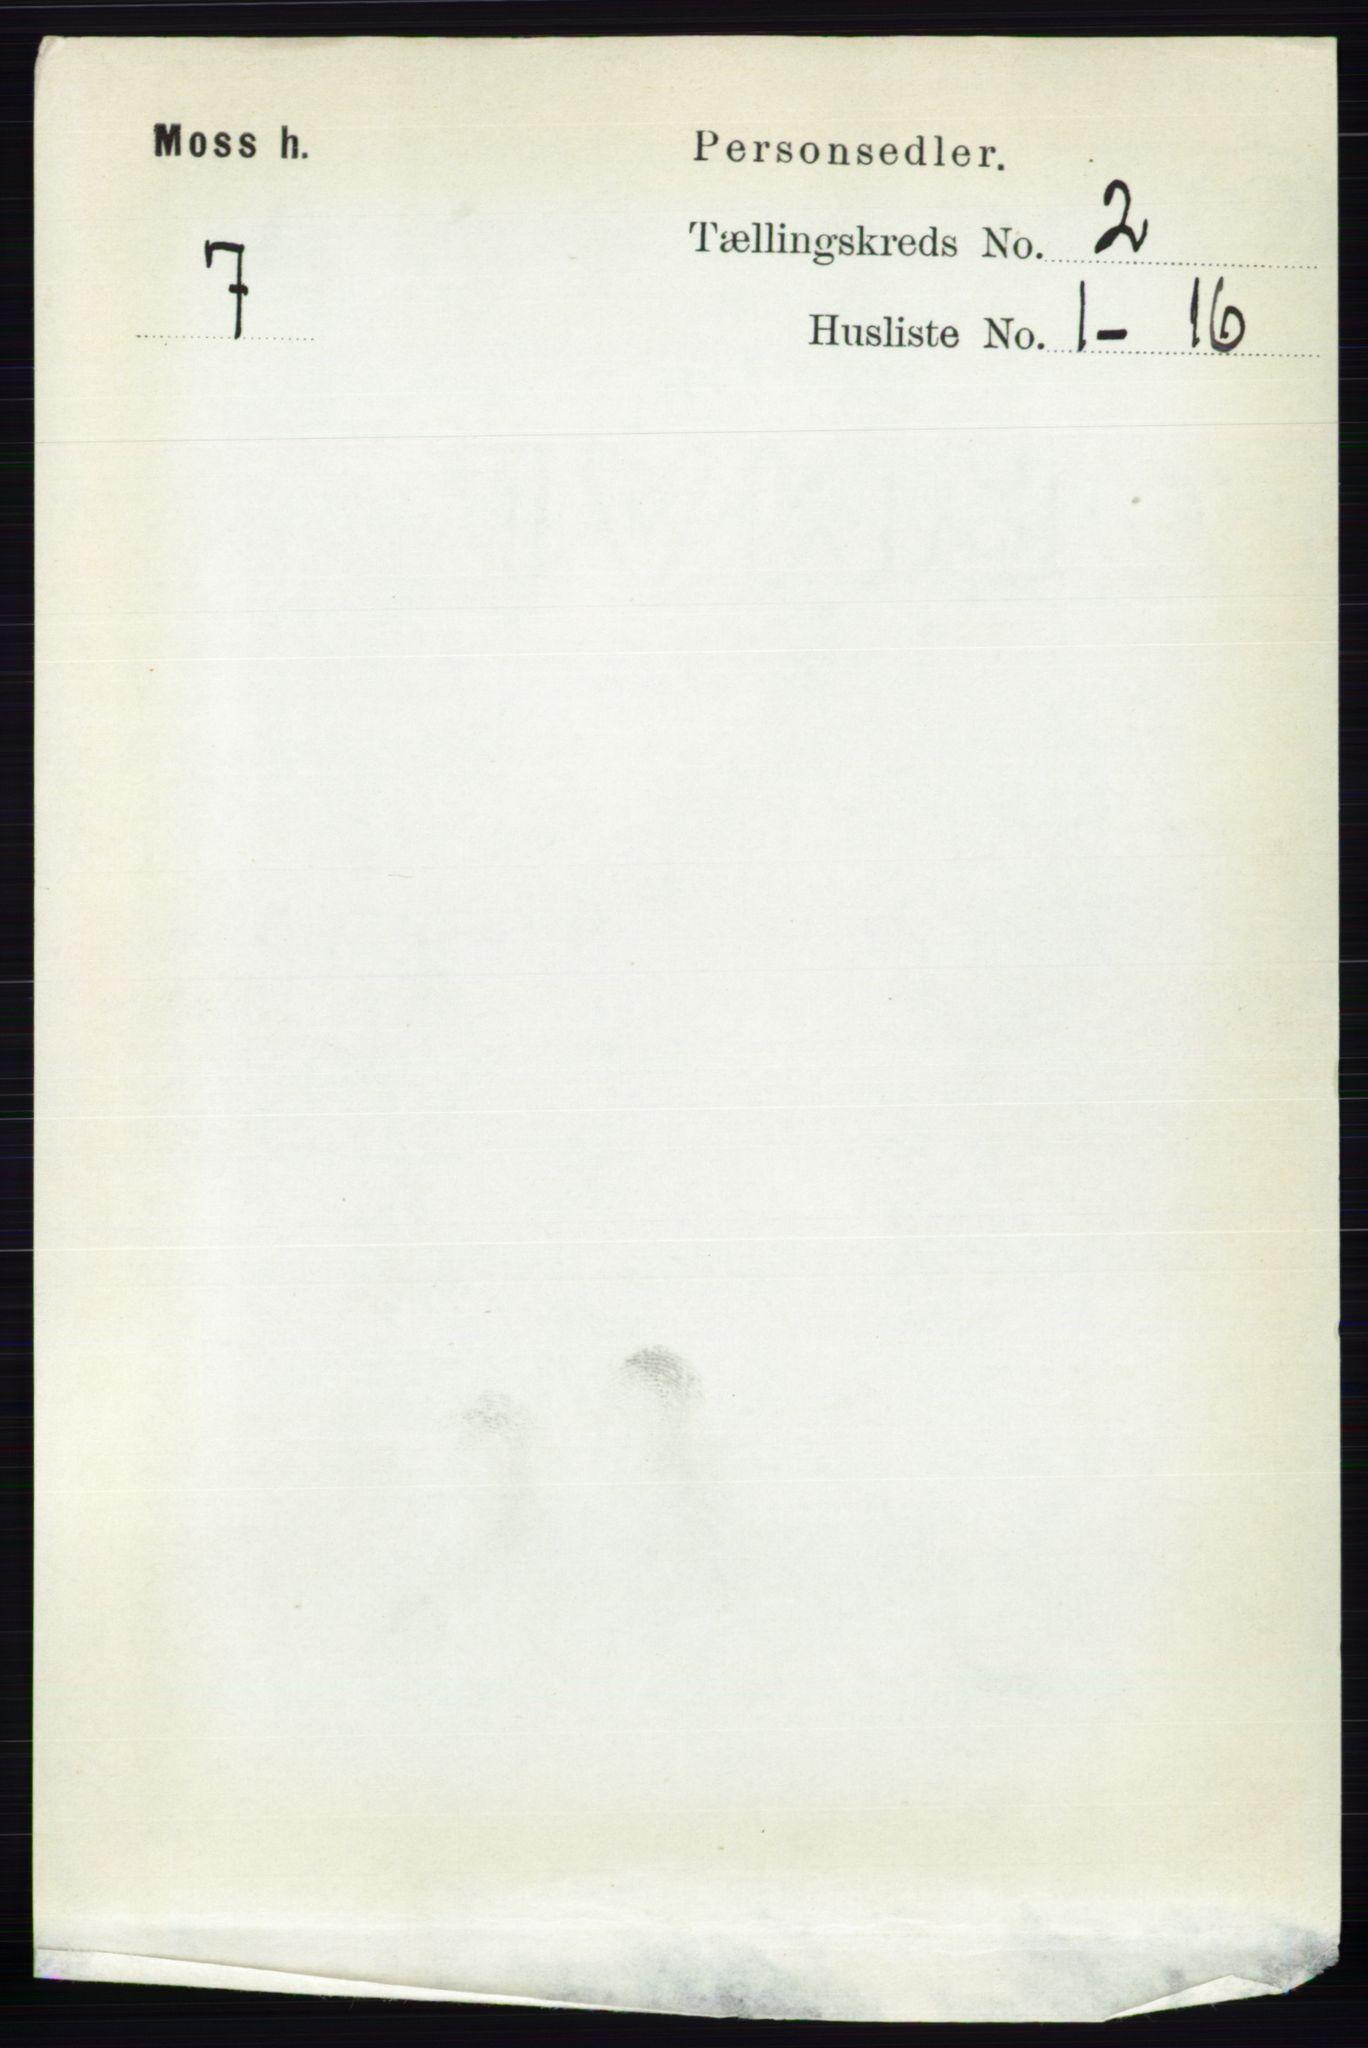 RA, Folketelling 1891 for 0194 Moss herred, 1891, s. 847